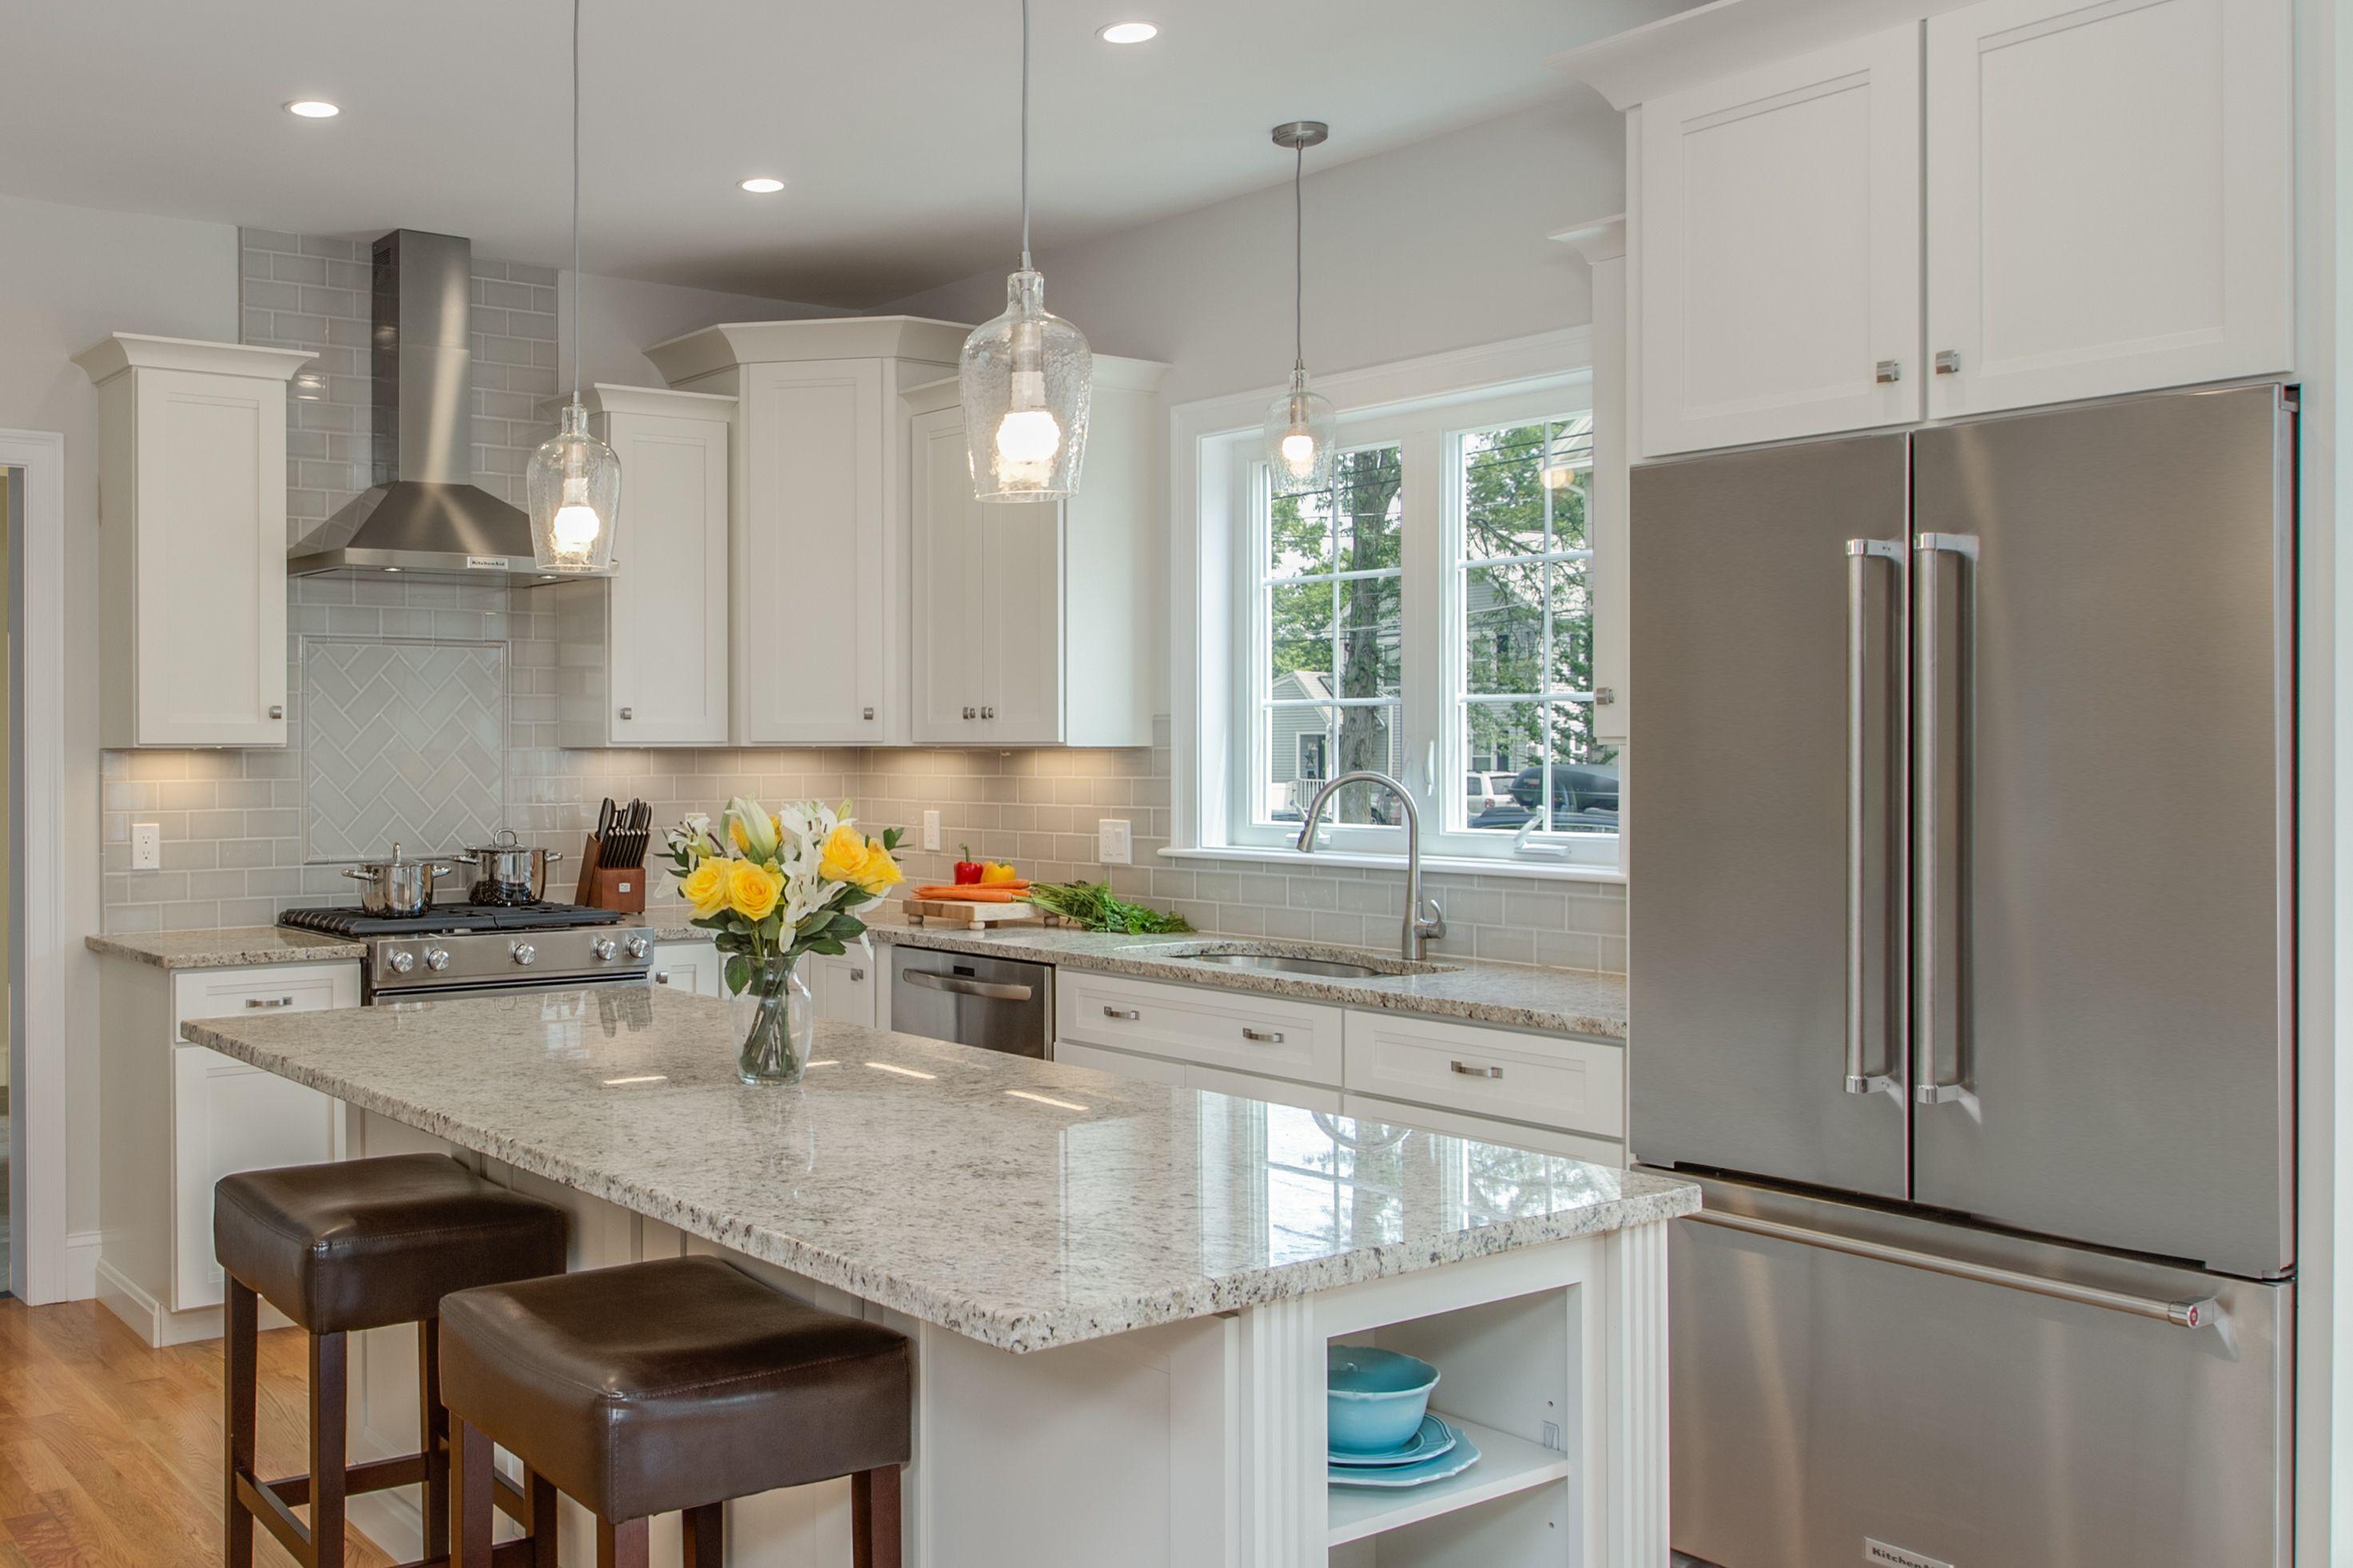 Alpine White Cabinets By Echelon Whitekitchen Cabinets Shaker Style Cabinet Doors Shaker Style Cabinets White Shaker Kitchen